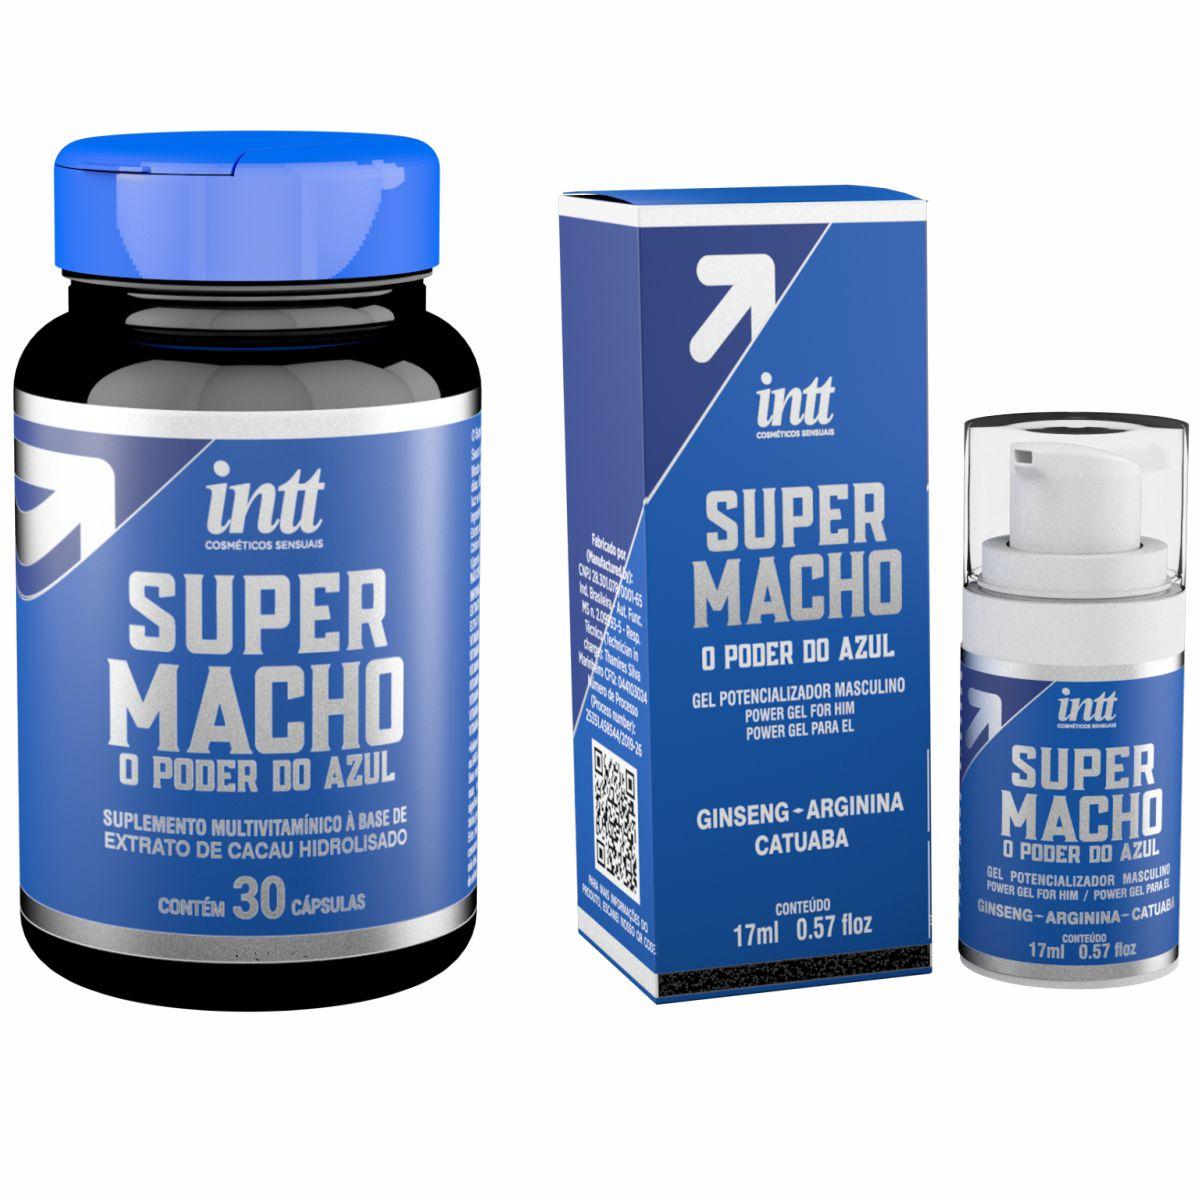 Super Macho Suplemento Potencializador Multivitamínico Masculino Cápsulas + Gel  Intt